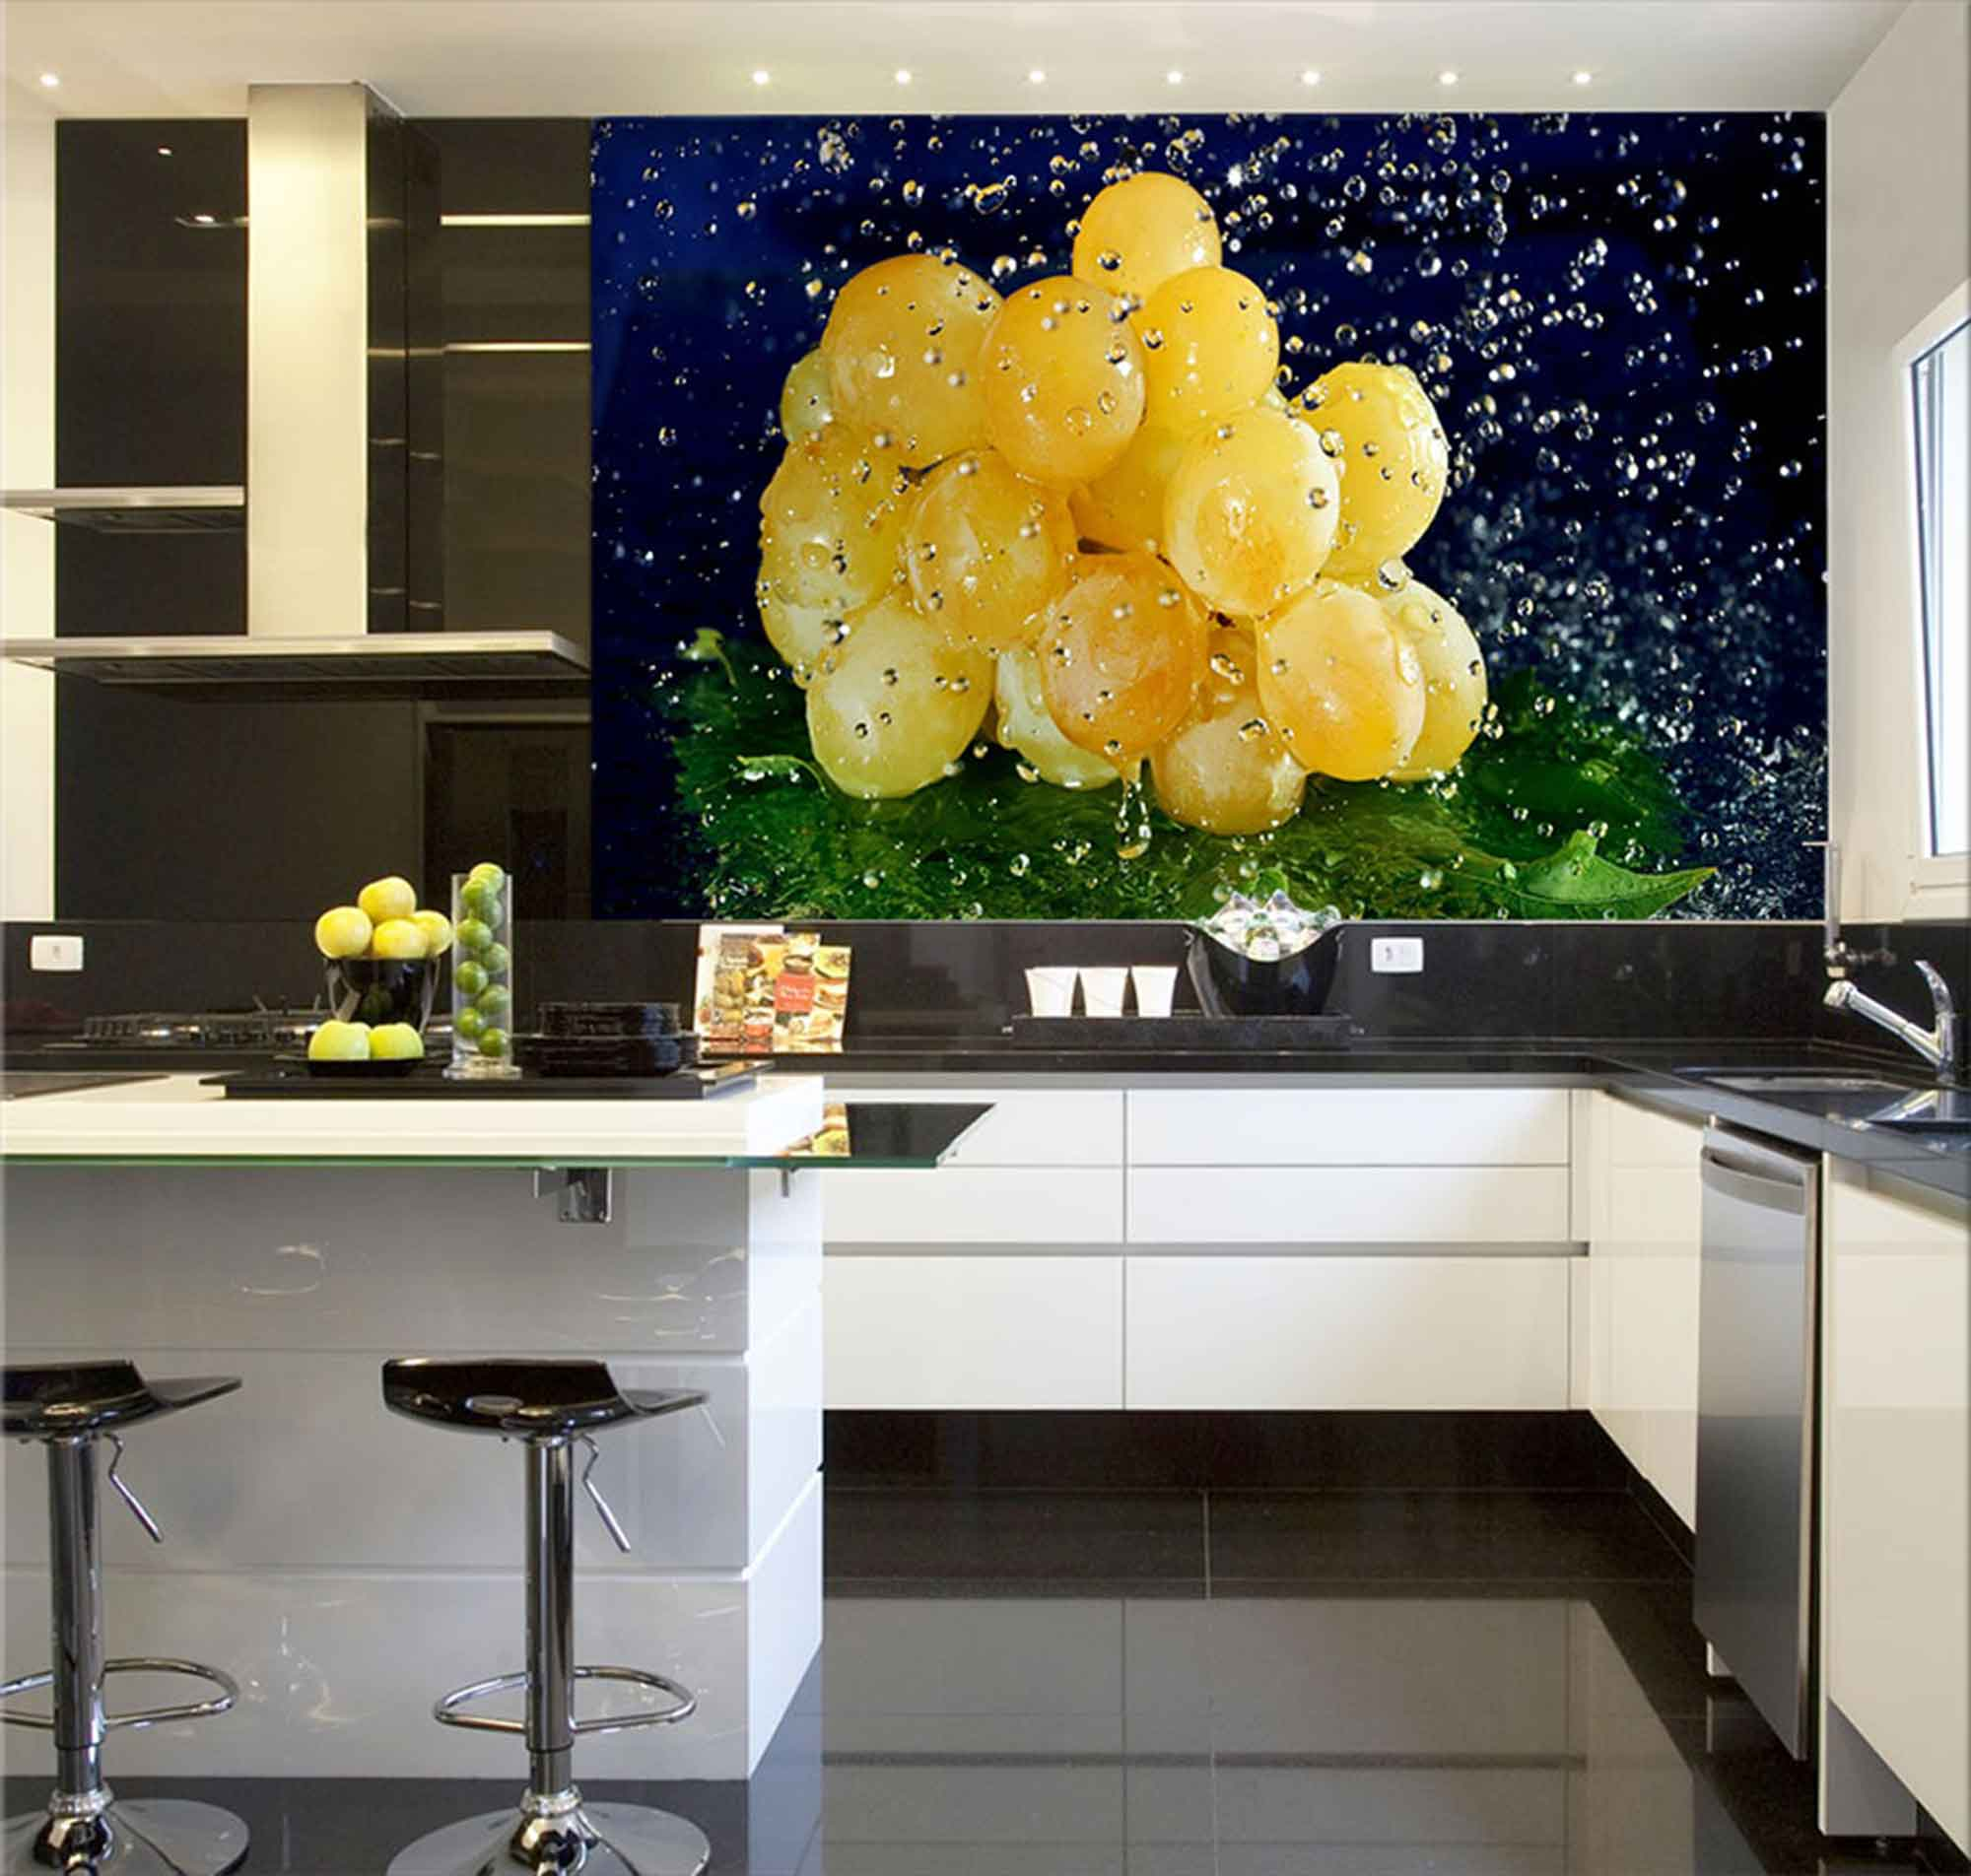 Papel De Parede Para Cozinha 0026 - Sobmedida: m²